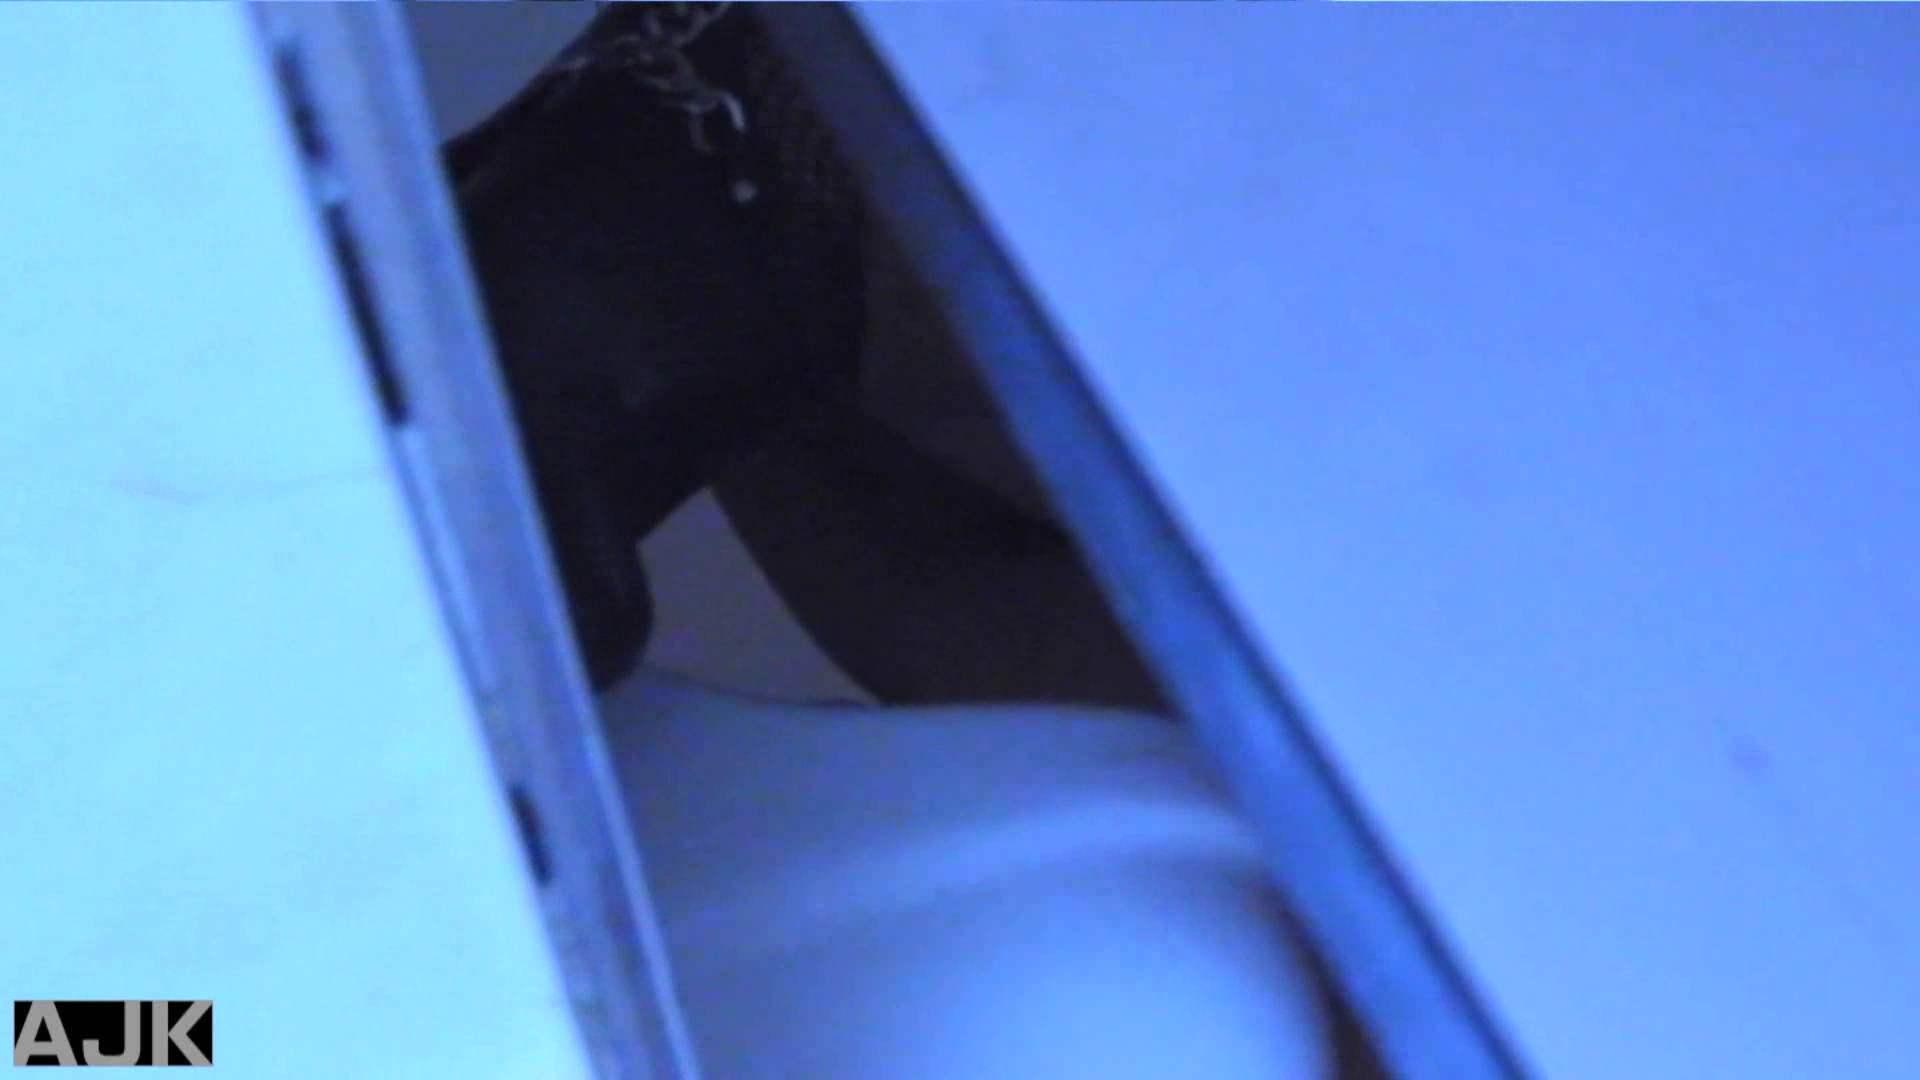 神降臨!史上最強の潜入かわや! vol.07 美女丸裸 オメコ無修正動画無料 94pic 68